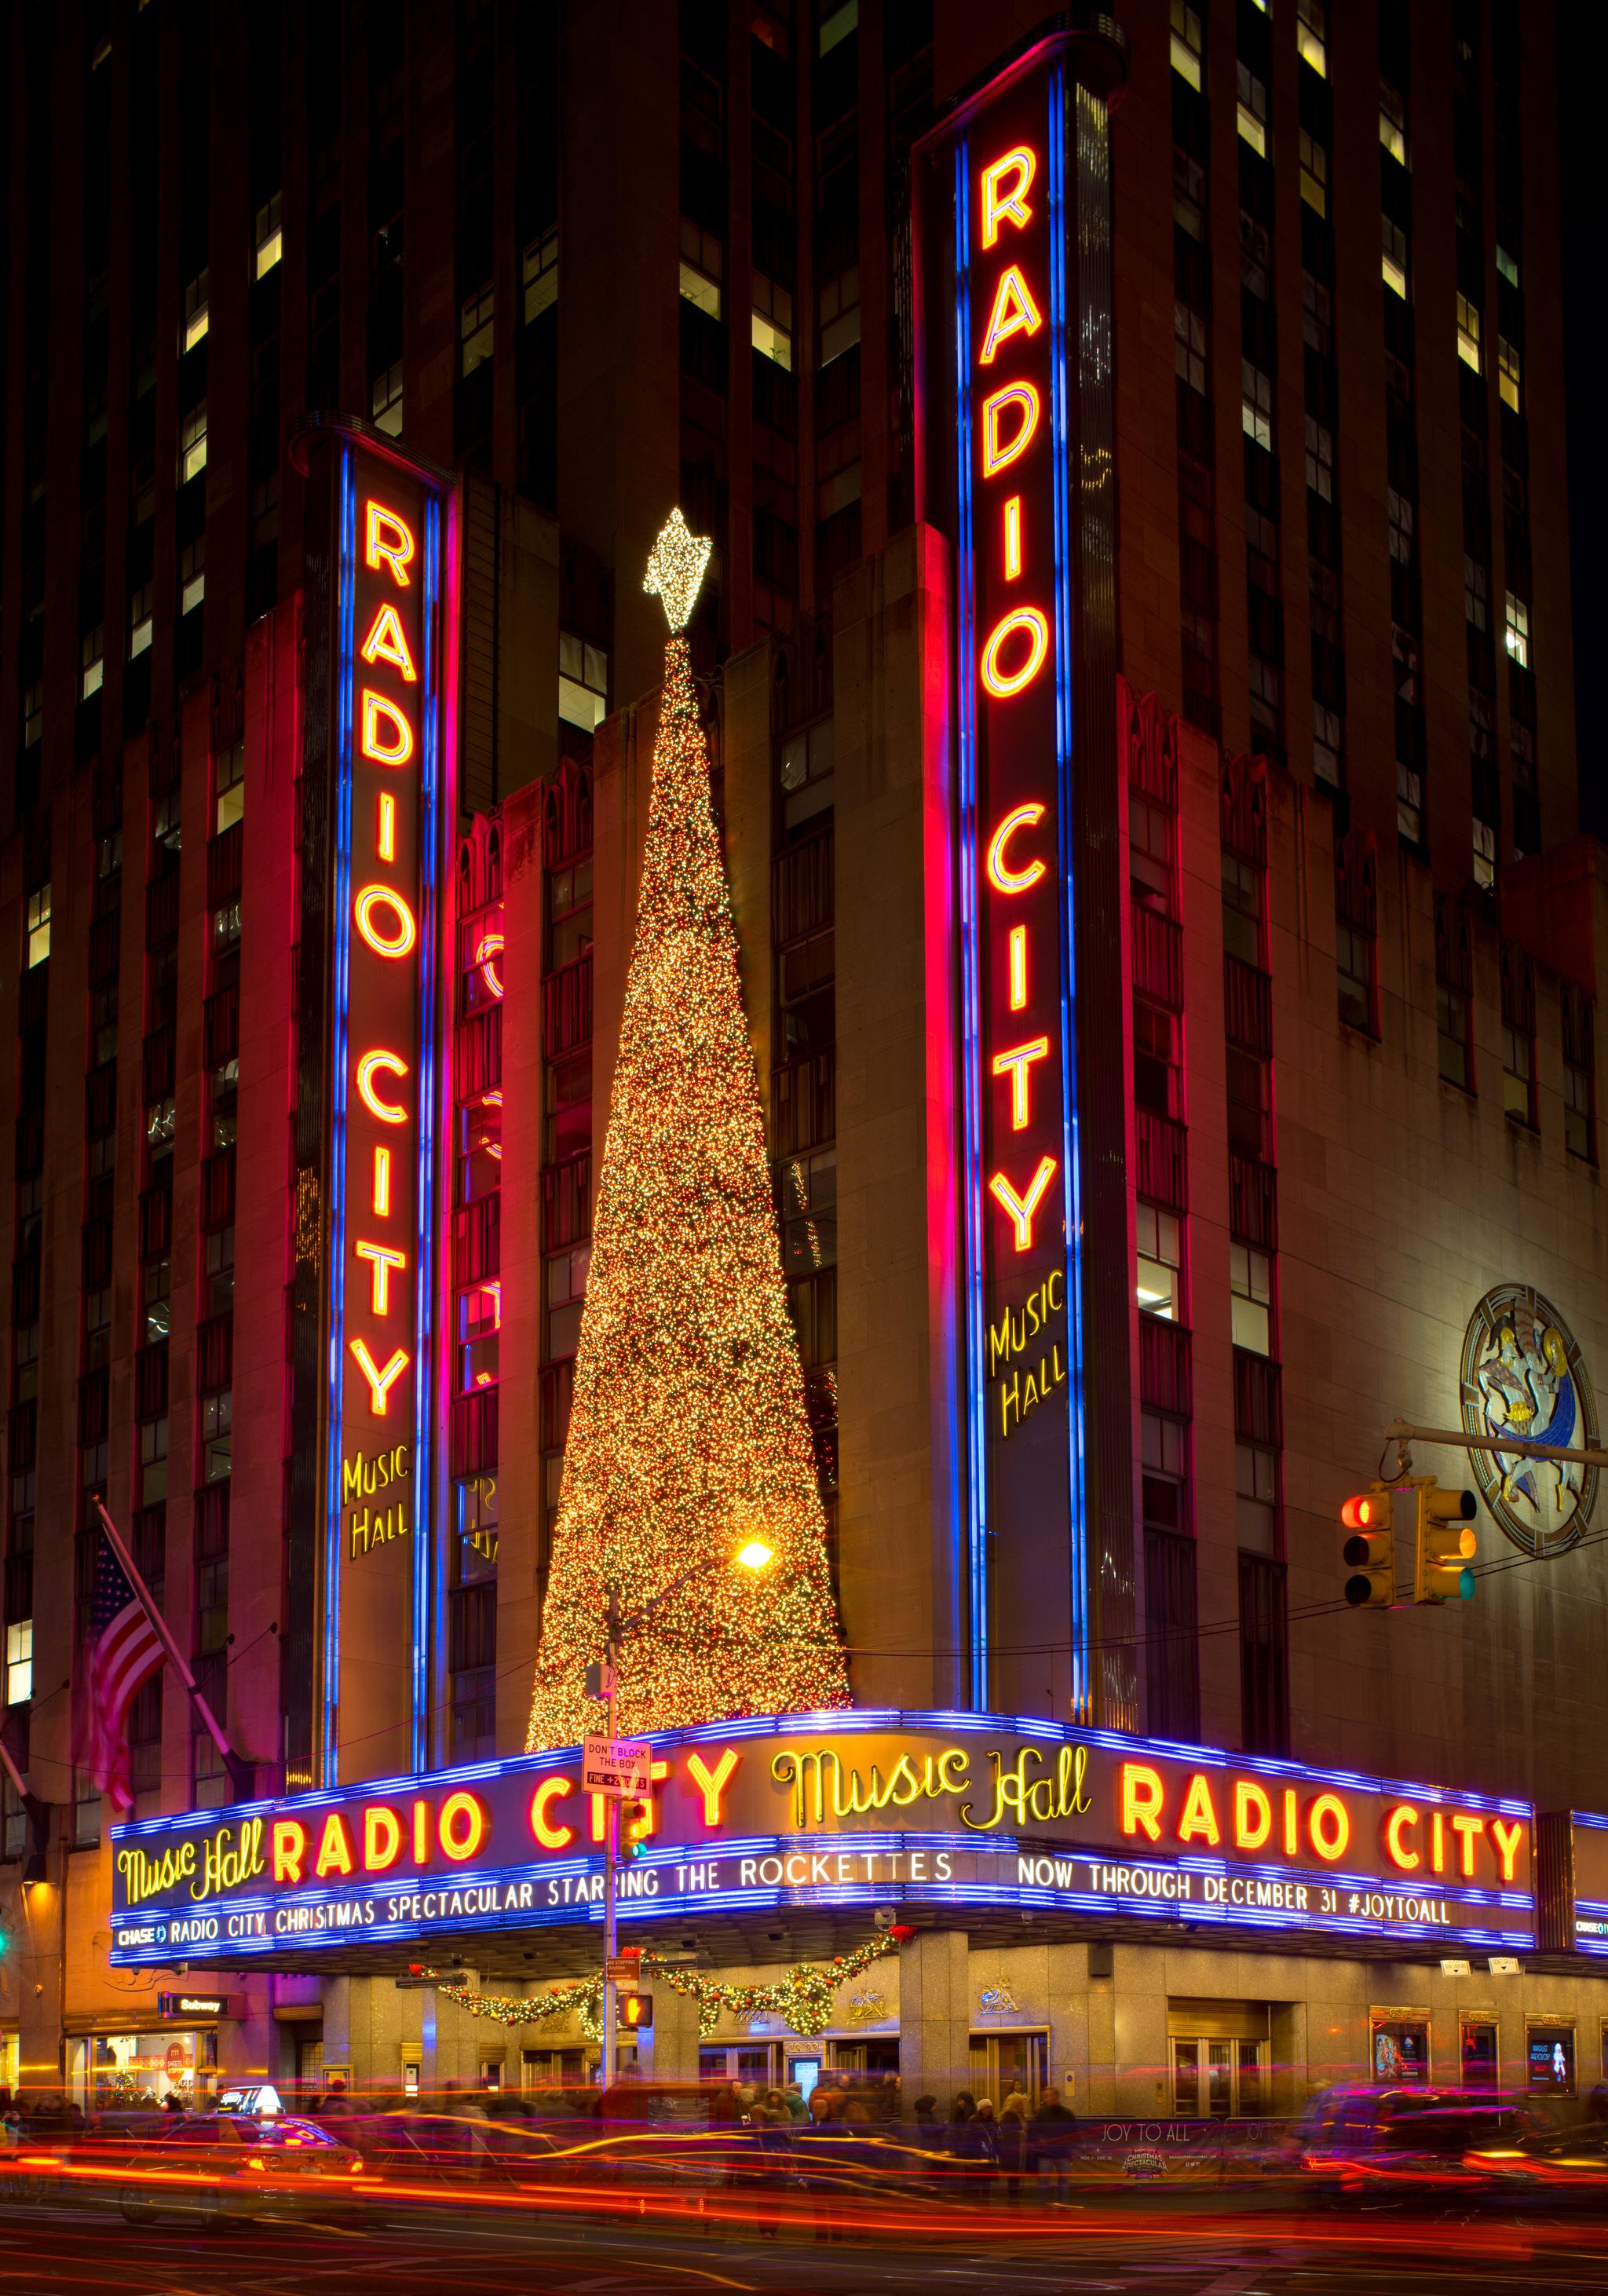 RADIOCITY_NYC-2014_00799P-1